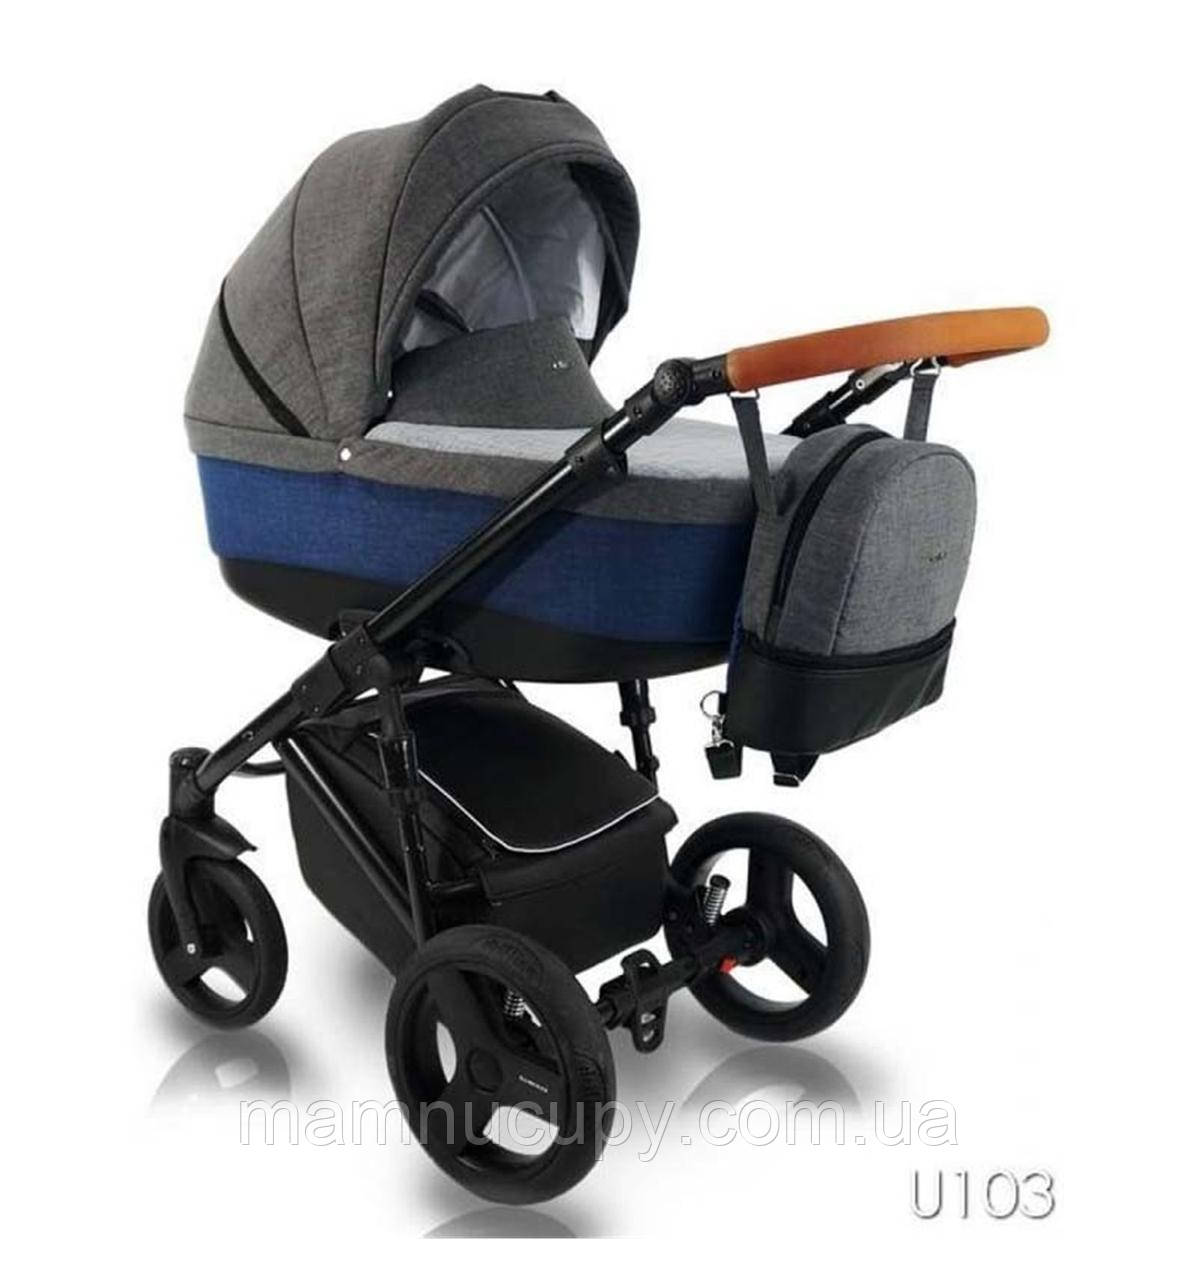 Детская универсальная коляска 2 в 1 Bexa Ultra U103 (бекса ультра)